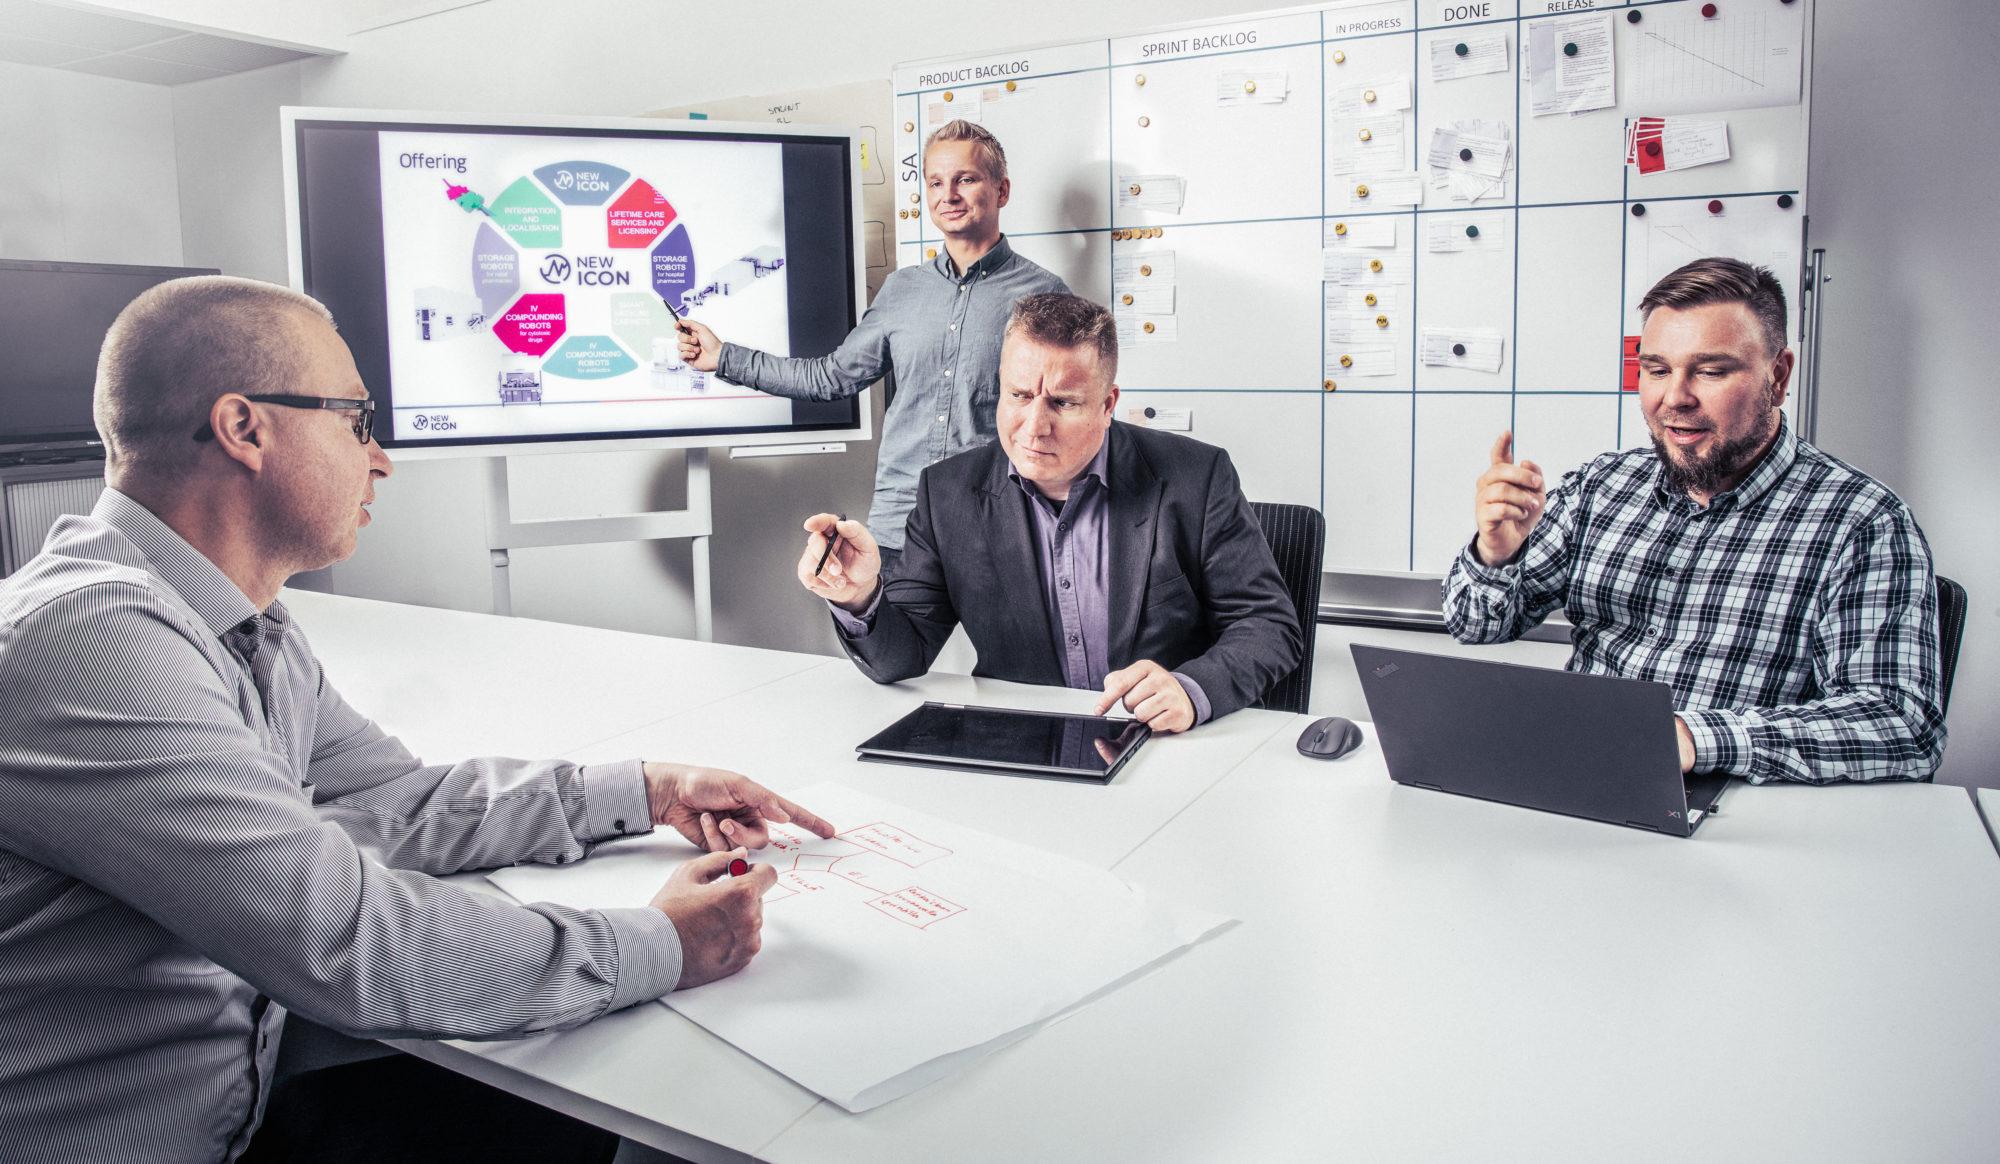 Lean-innostus leviää NewIconilla, nyt vuorossa ohjelmistokehitys